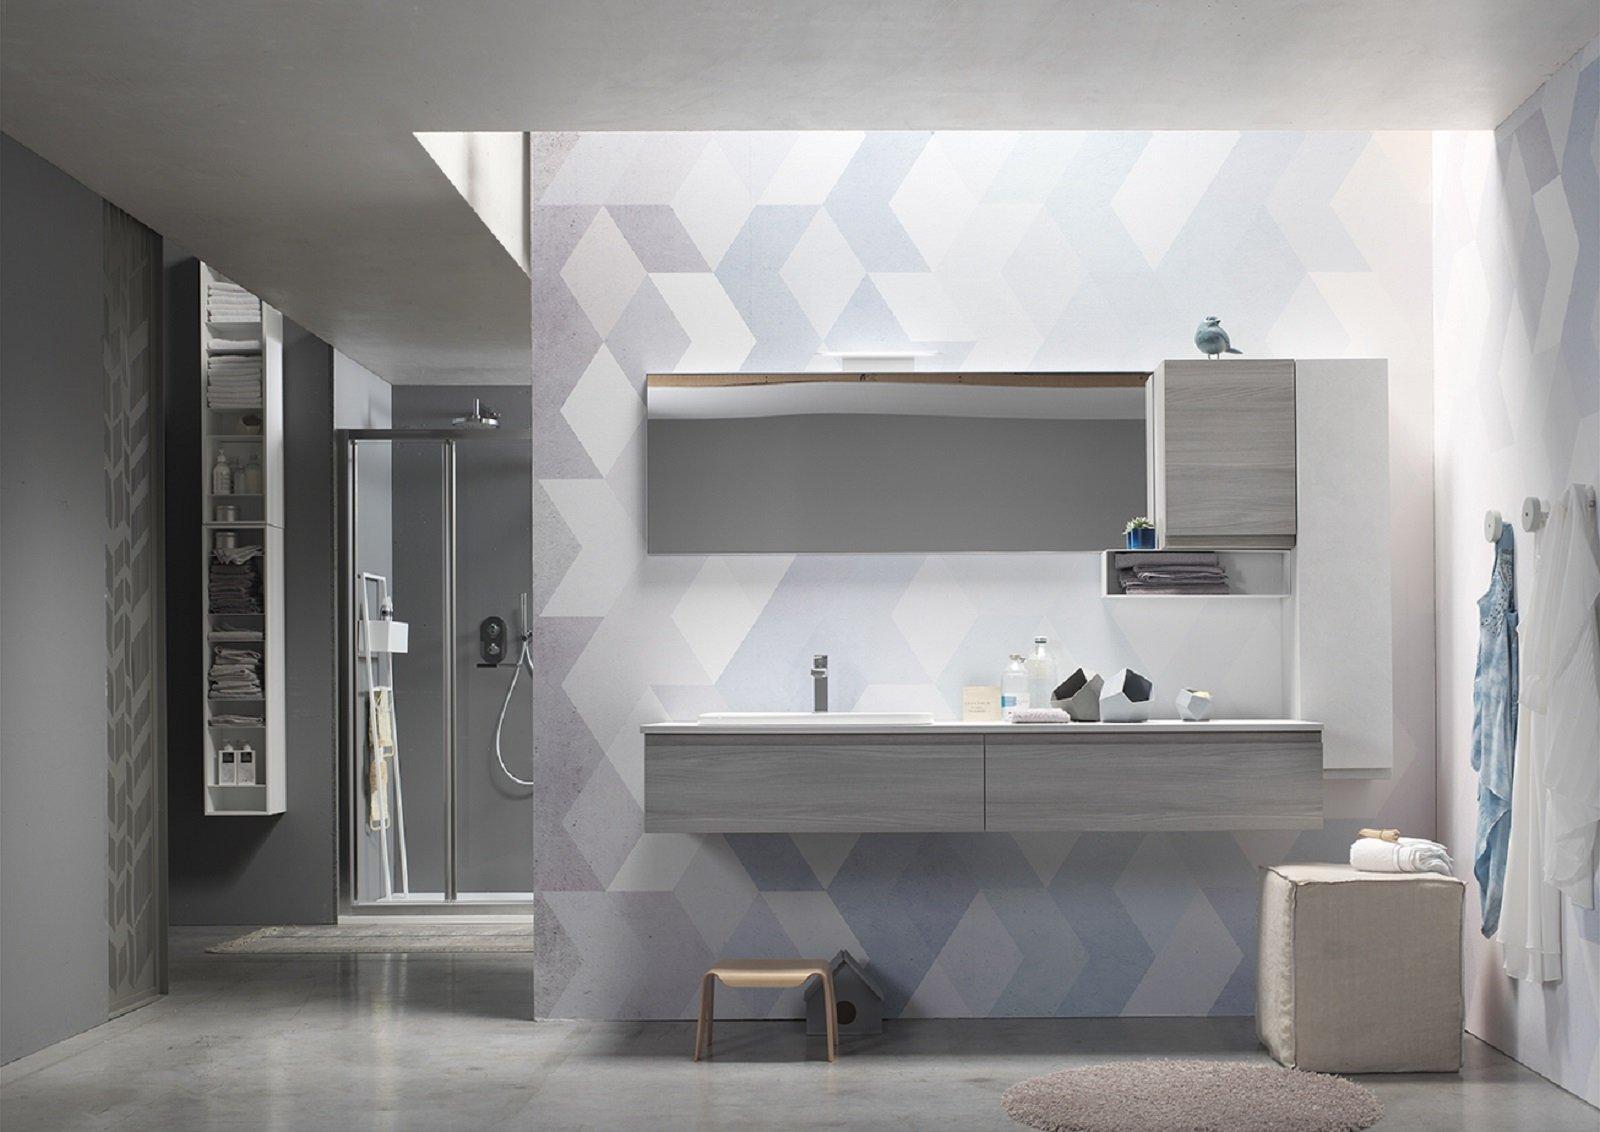 Design Bagno Due : Mobili bagno due lavabi. best base sottolavabo per bagno da cm con